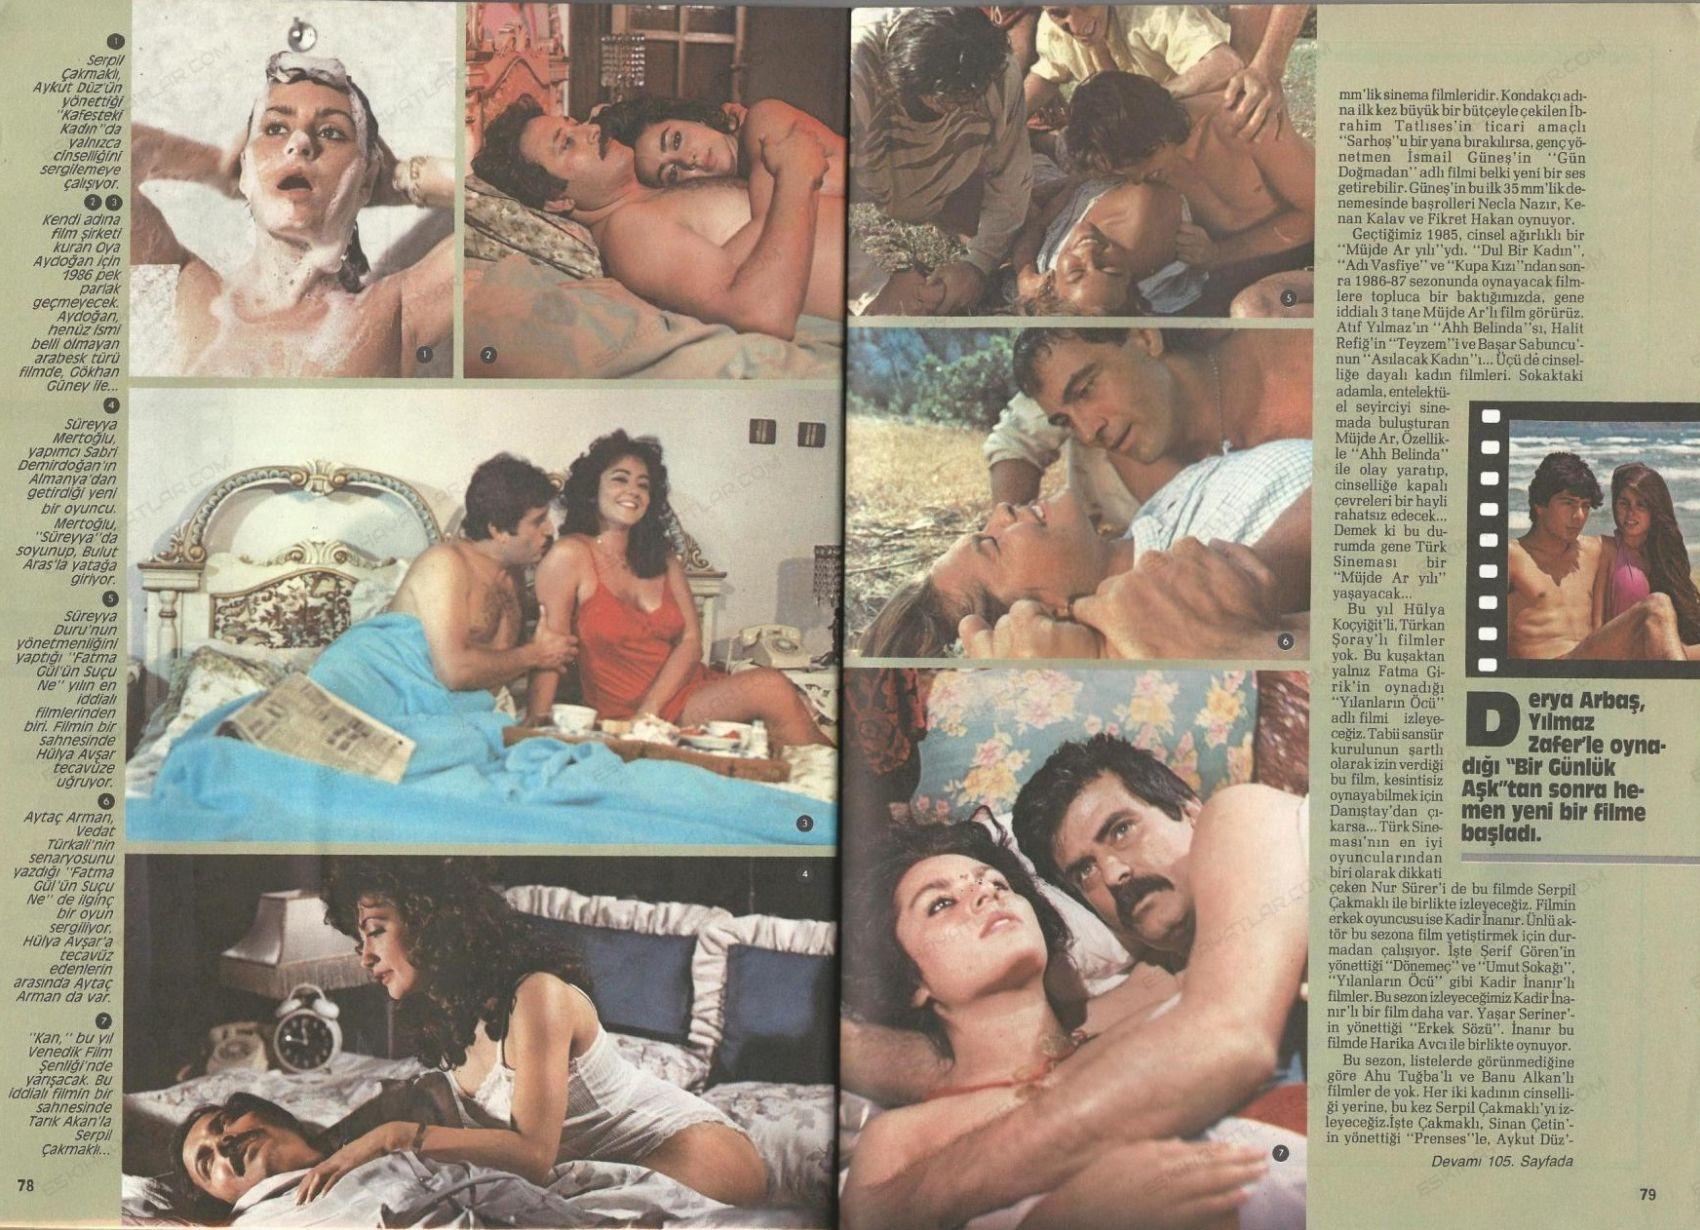 0385-serpil-cakmakli-kafesteki-kadin-sureyya-mertoglu-hulya-avsar-tecavuz-sahnesi-aytac-arman-oya-aydogan-ciplak-fotografi-gokhan-guney-gencligi-1986-1987-yillarinda-turk-sinemasi